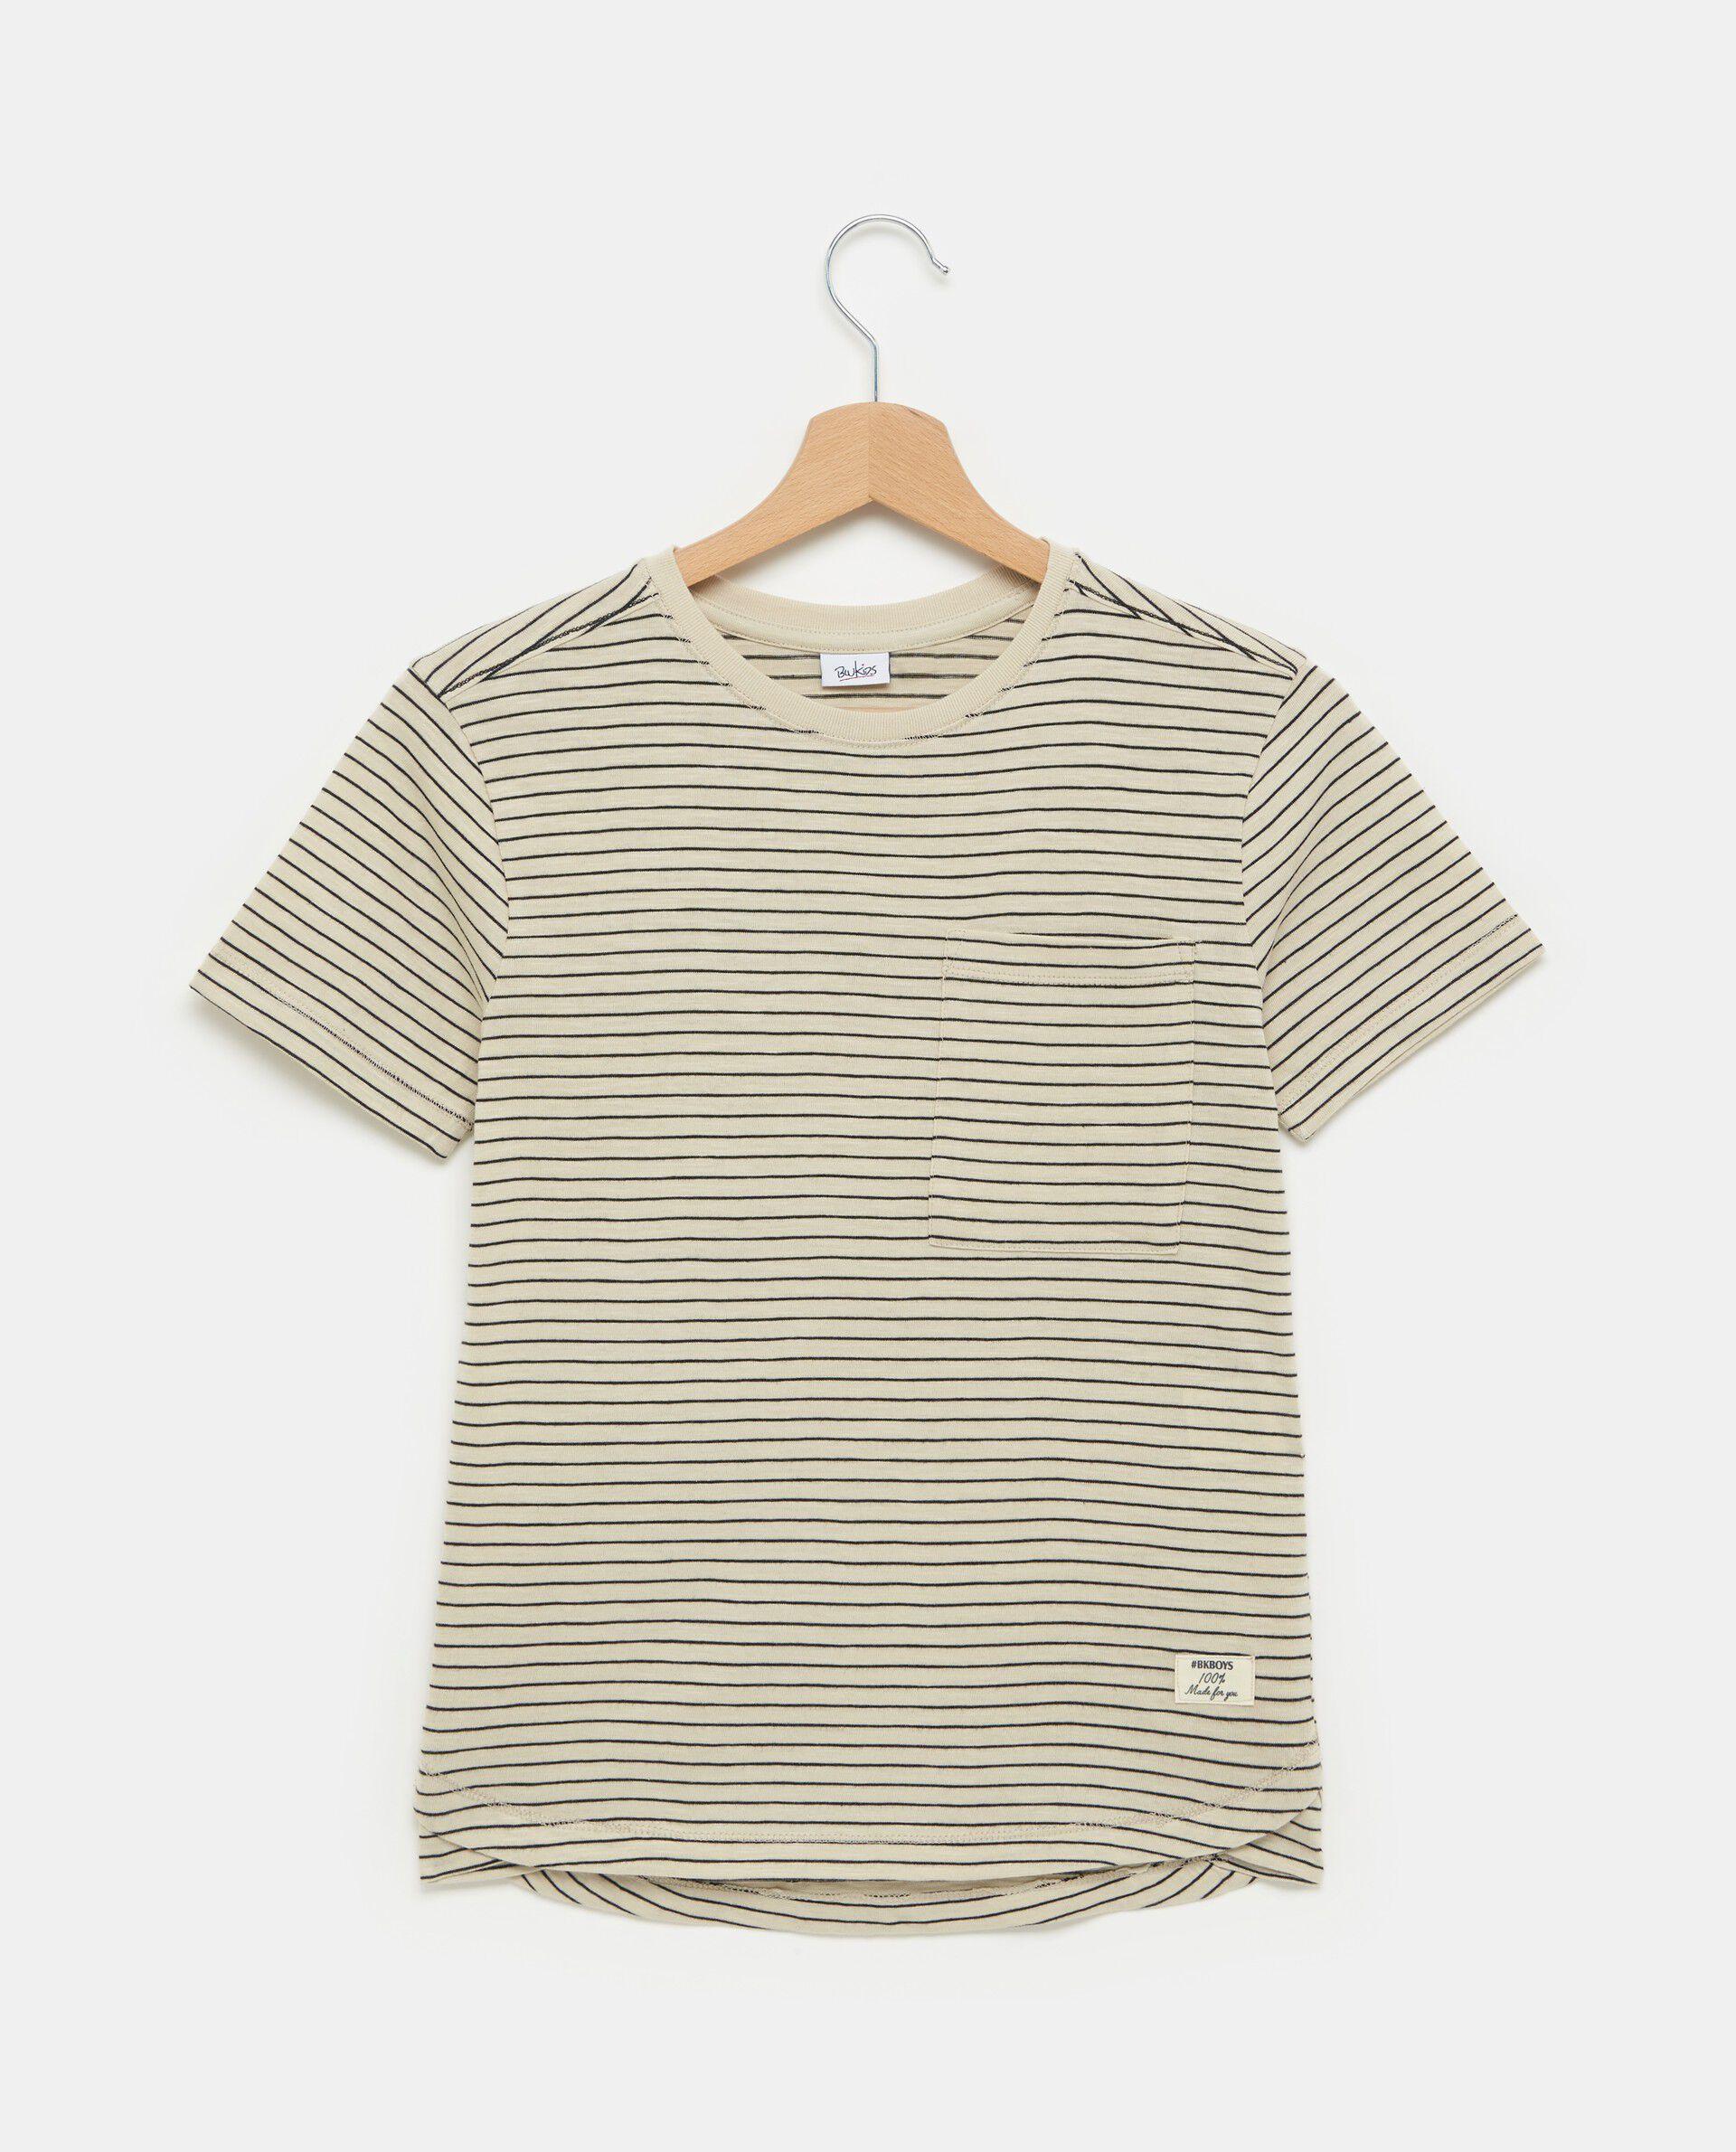 T-shirt beige in puro cotone con motivo a righe ragazzo